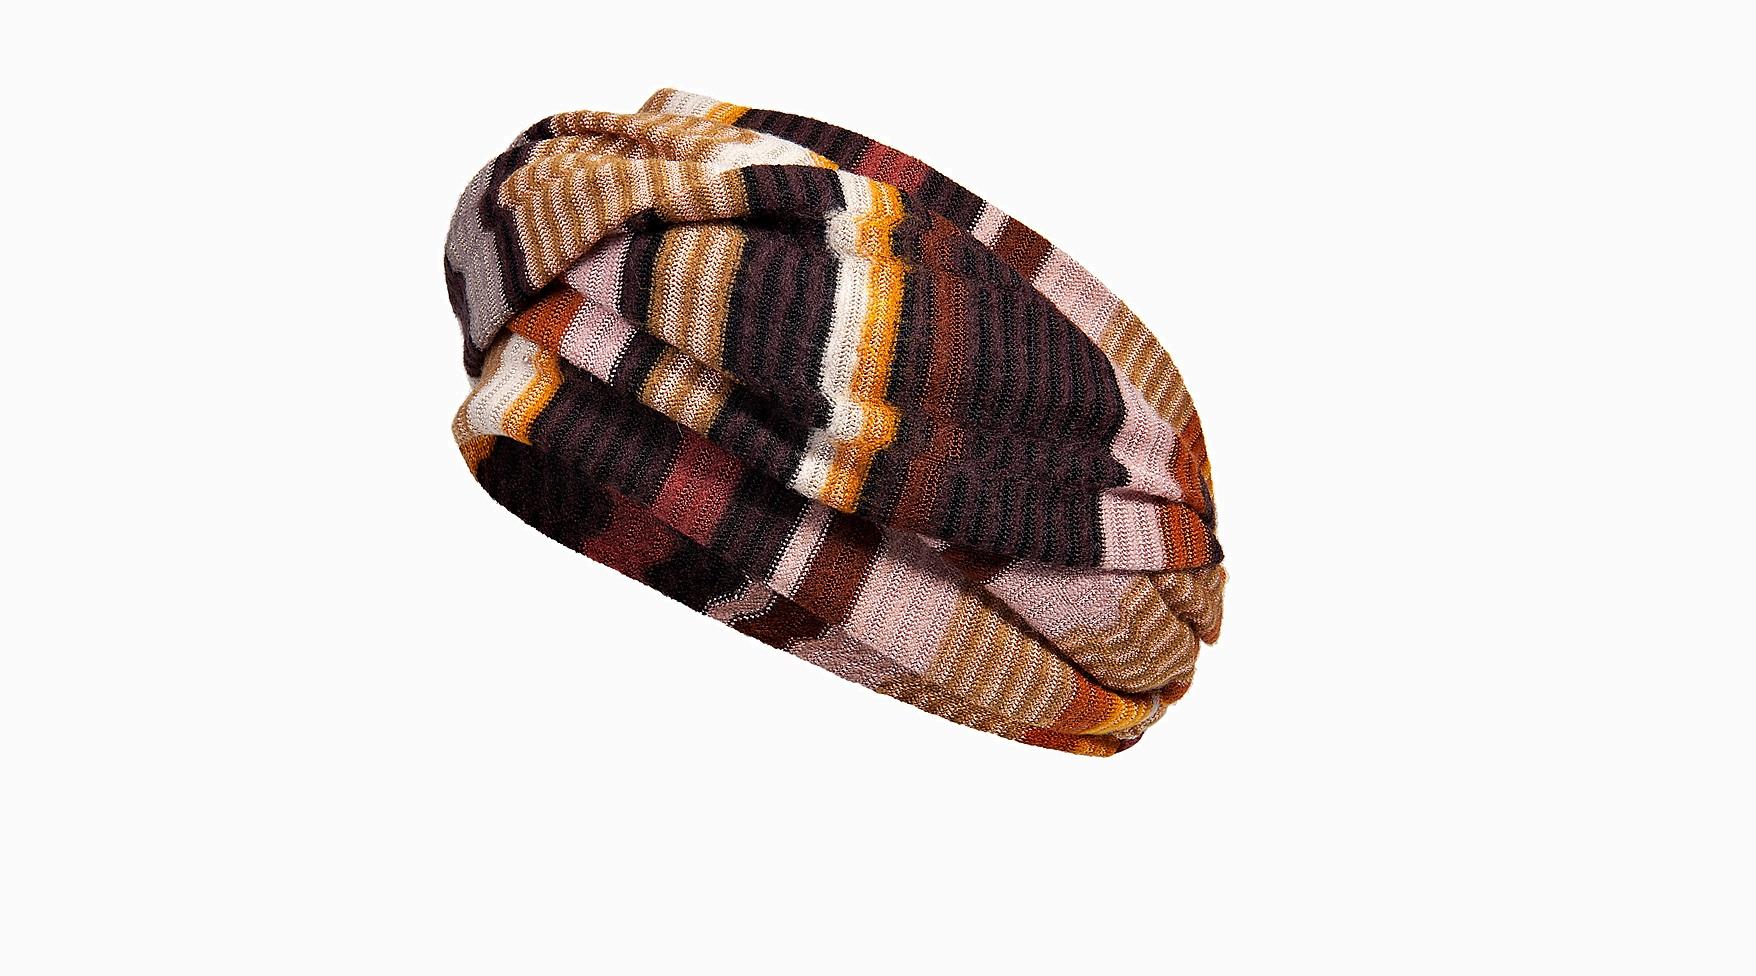 215261 От 600 руб. и до…: 12 самых крутых шапок этой зимы